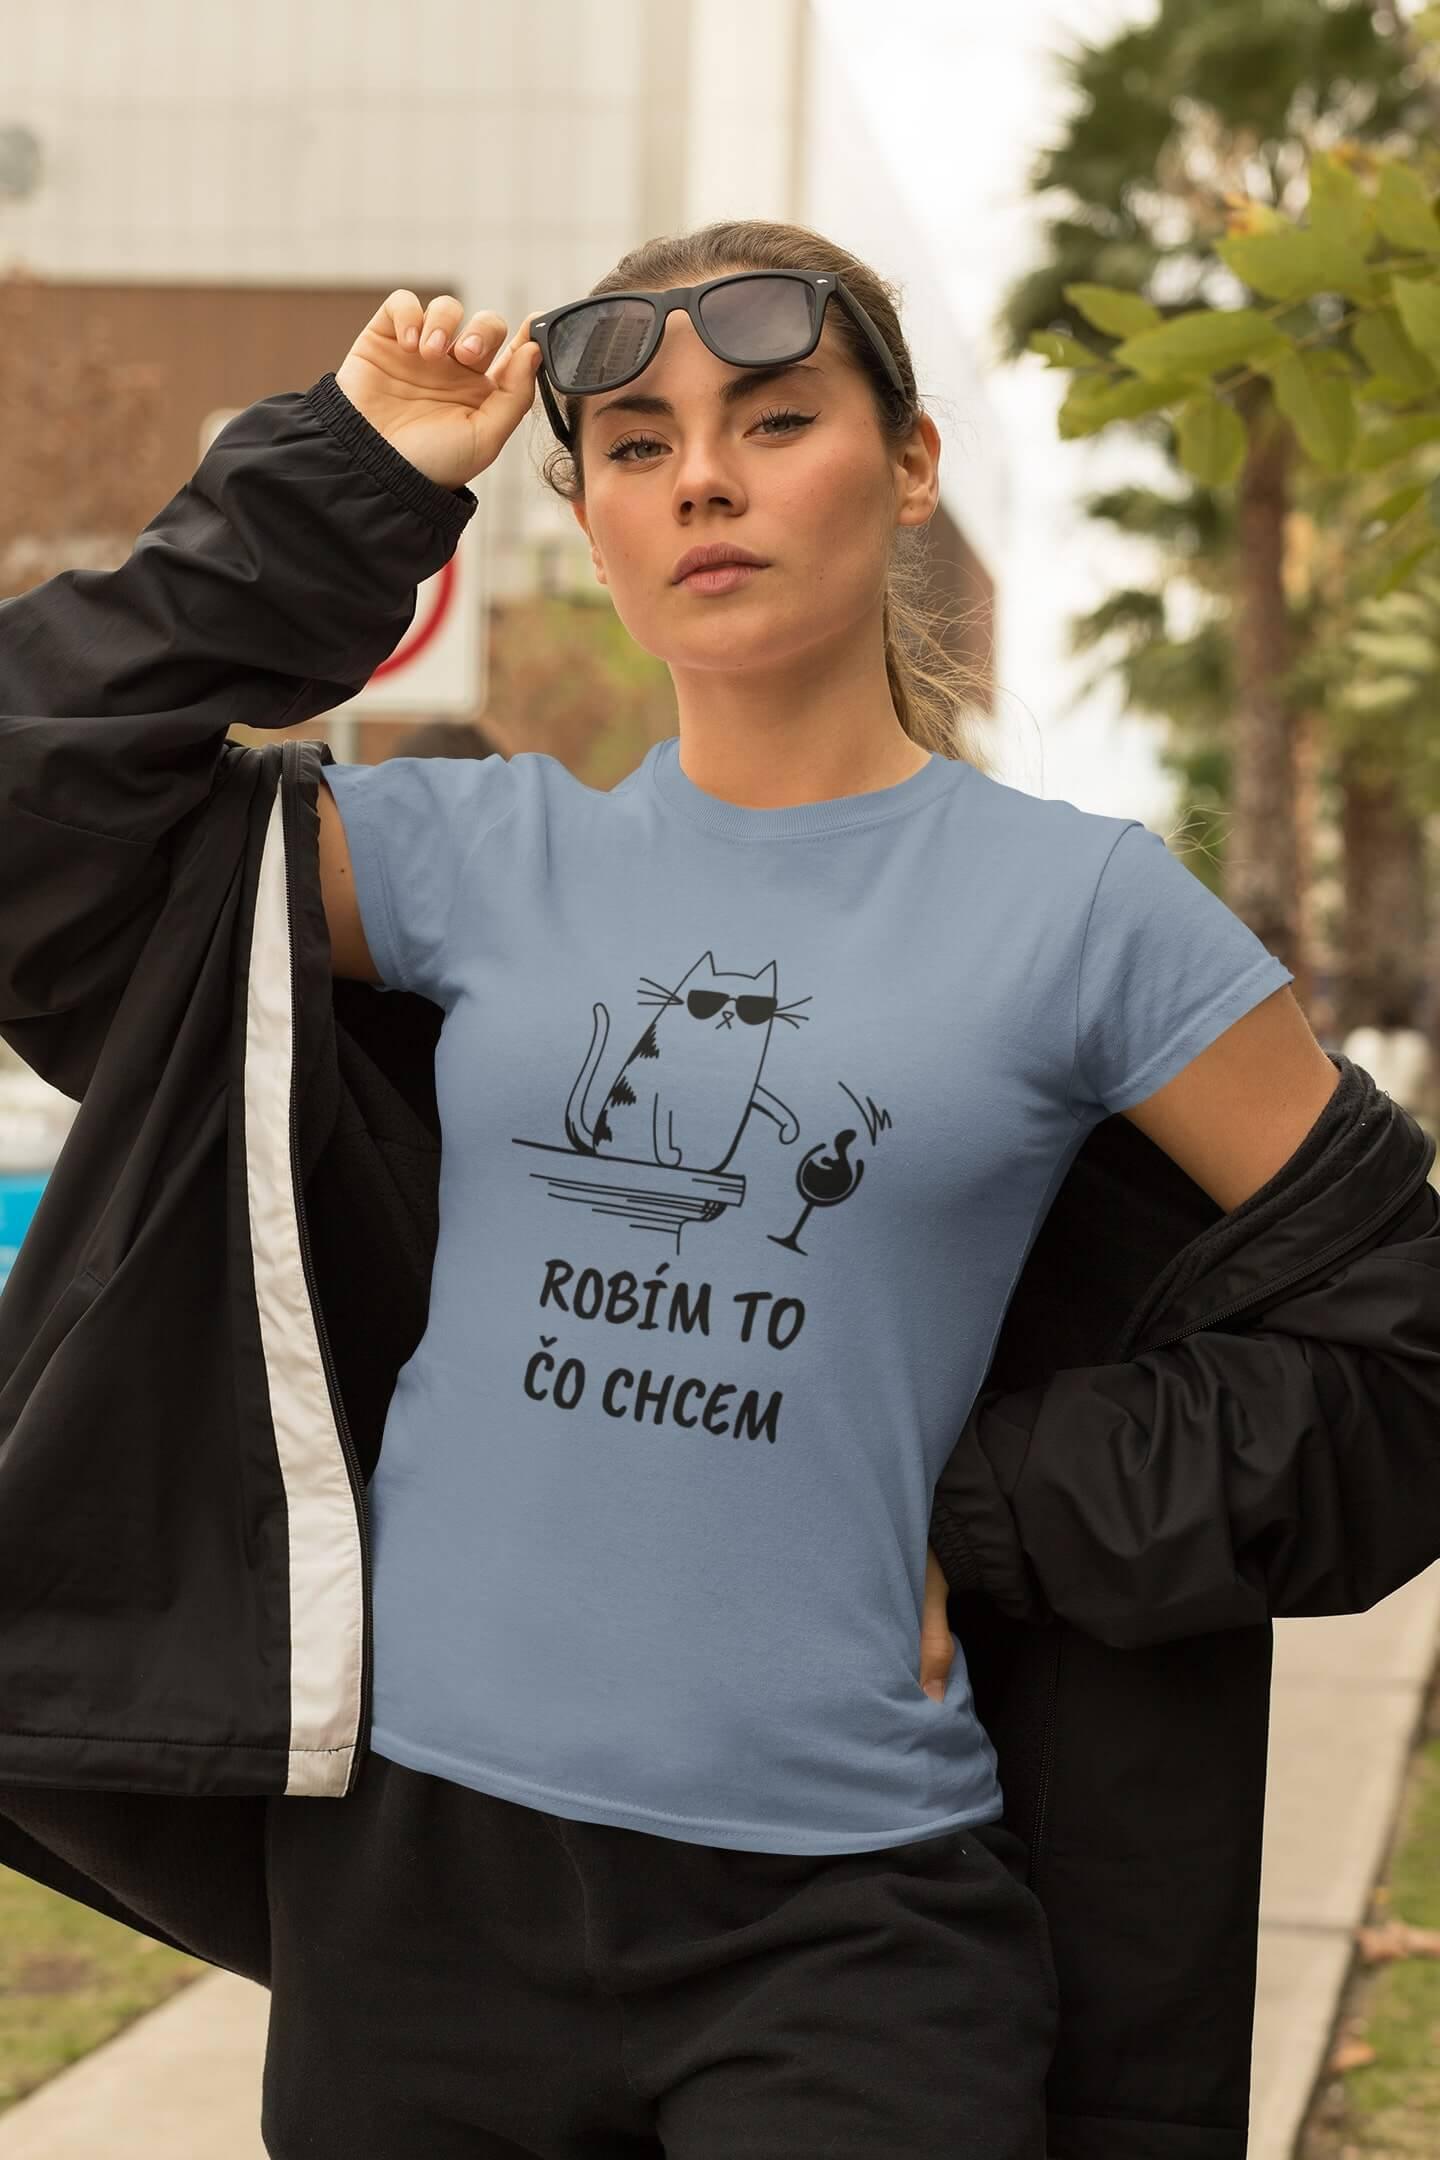 MMO Dámske tričko Robím to čo chcem víno Vyberte farbu:: Svetlomodrá, Dámska veľkosť: XL